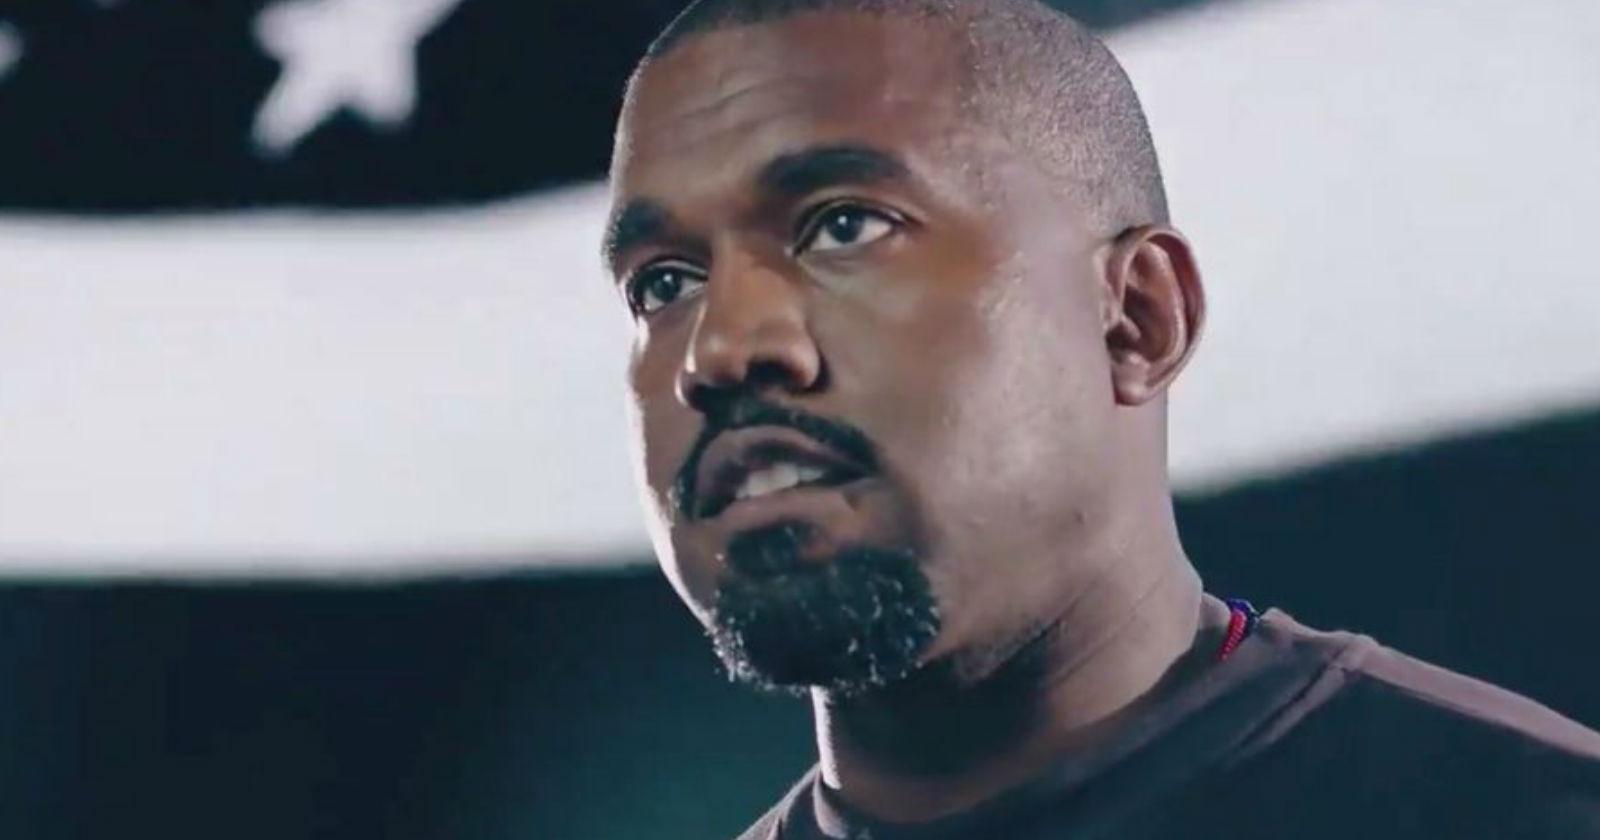 VIDEO – Kanye West comienza a promocionar su campaña presidencial con mensaje religioso